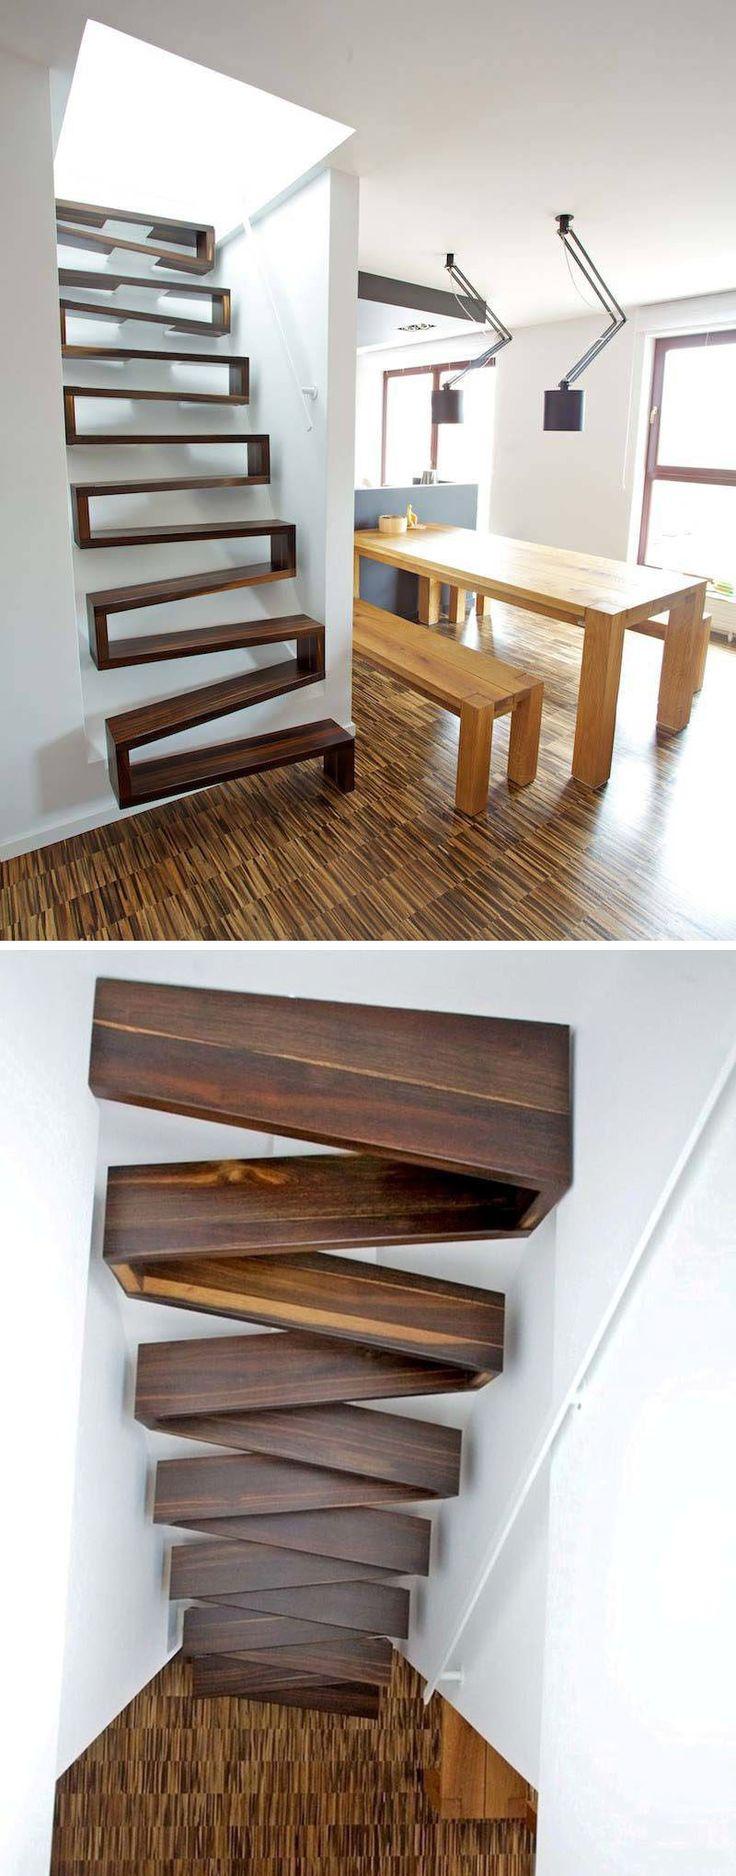 13 ideas de diseo de escaleras para espacios pequeos una escalera de la cinta